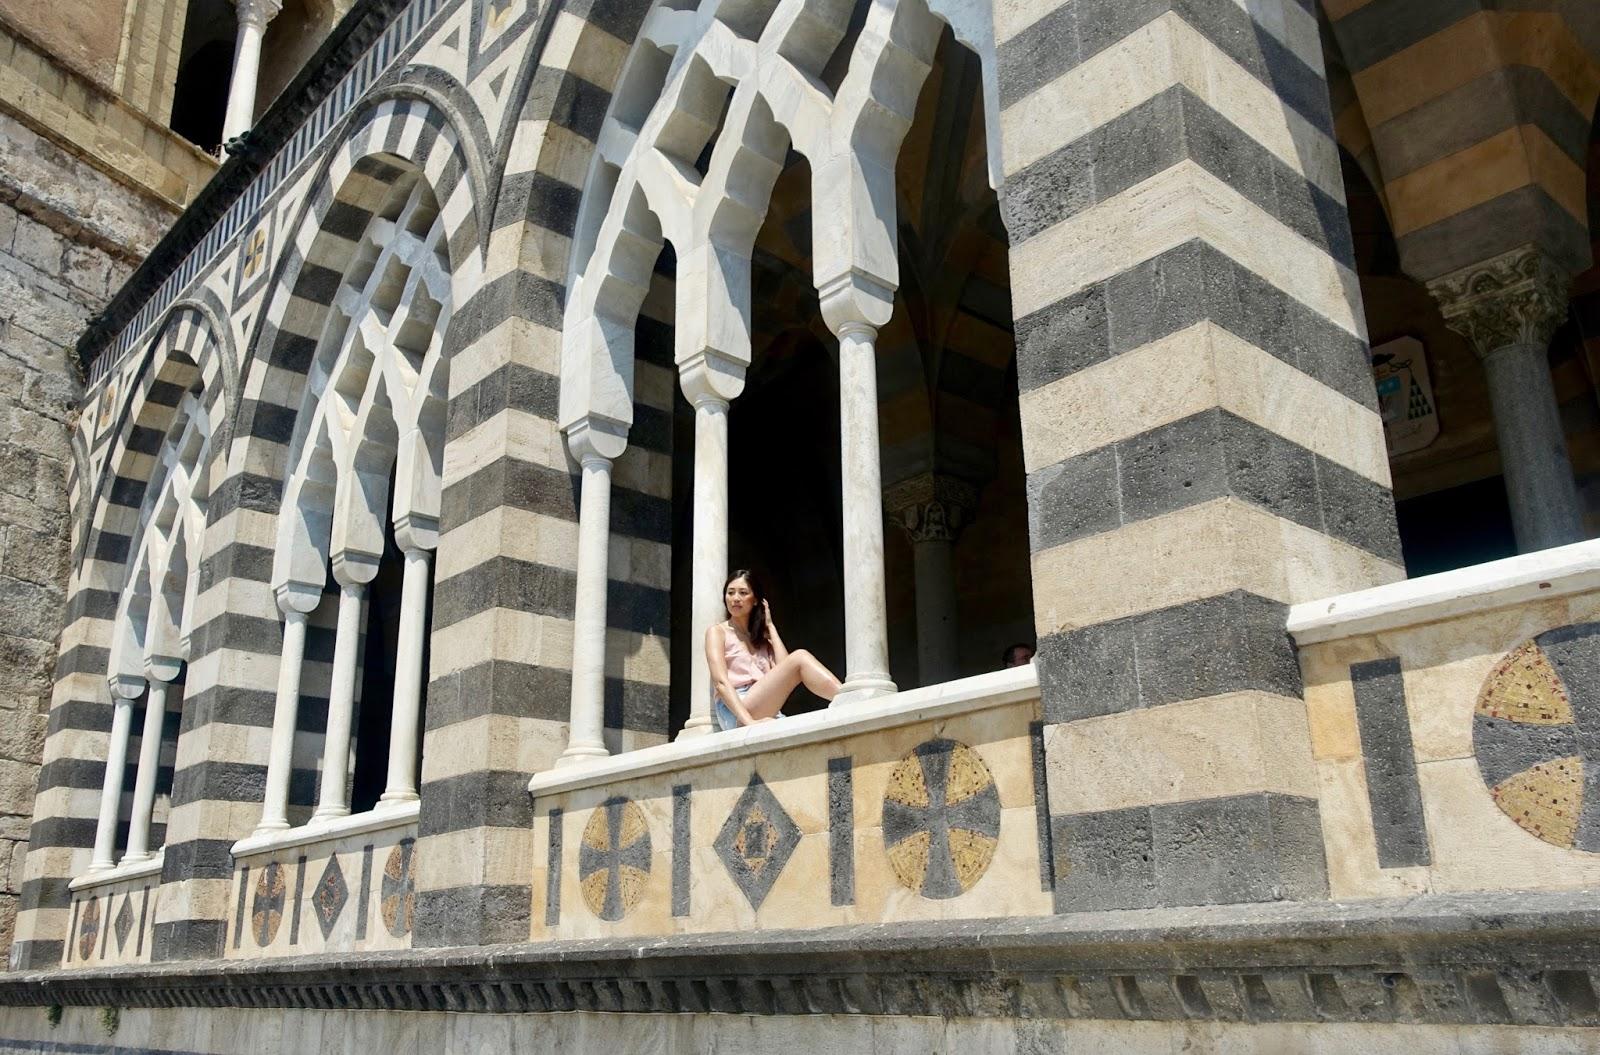 Cathedral of Amalfi Duomo di Amalfi